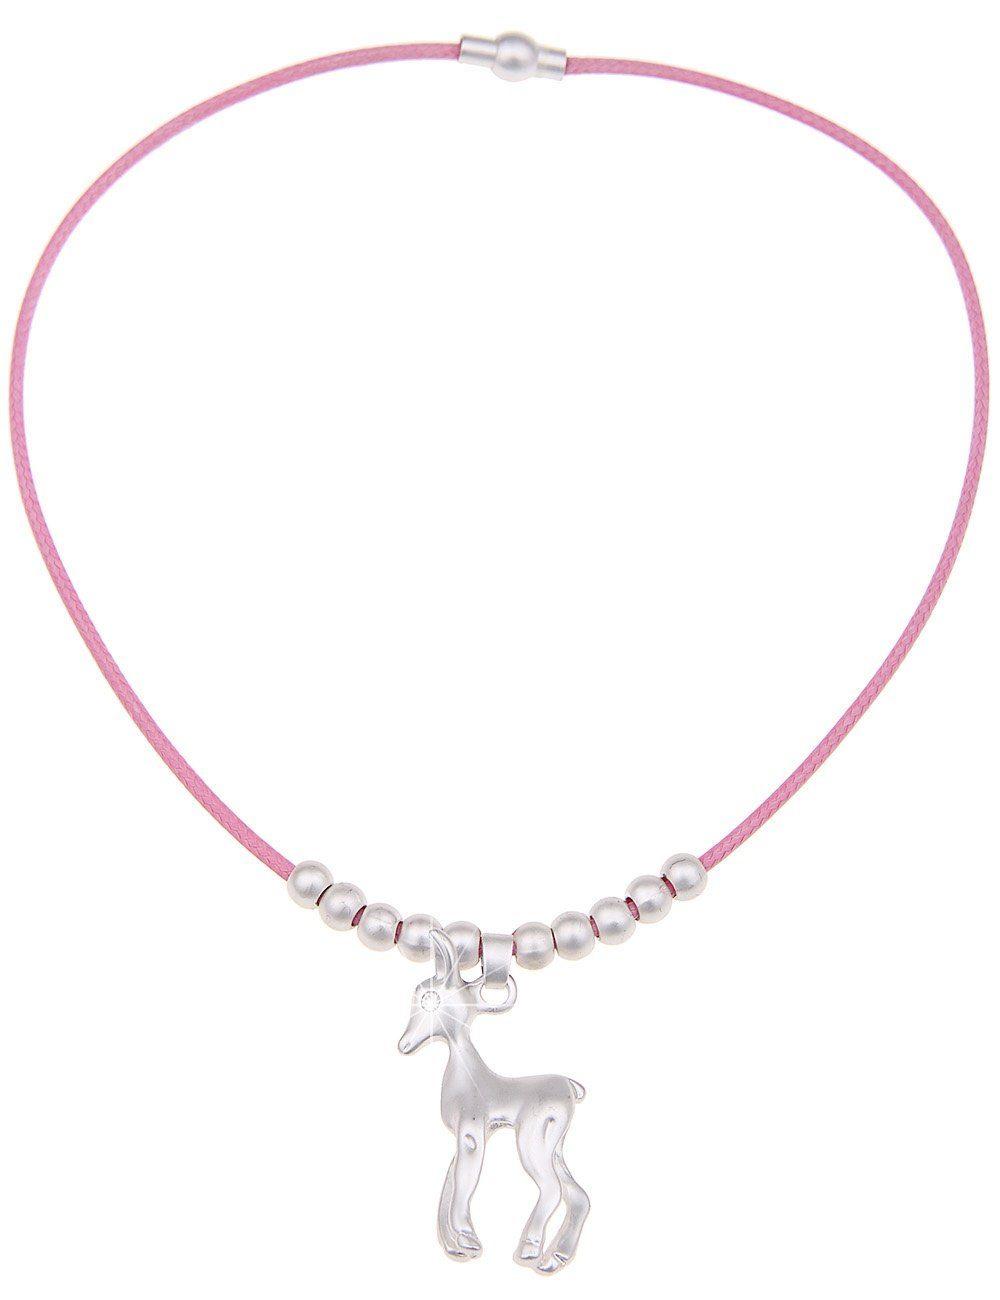 Leslii Halskette mit Reh-Anhänger